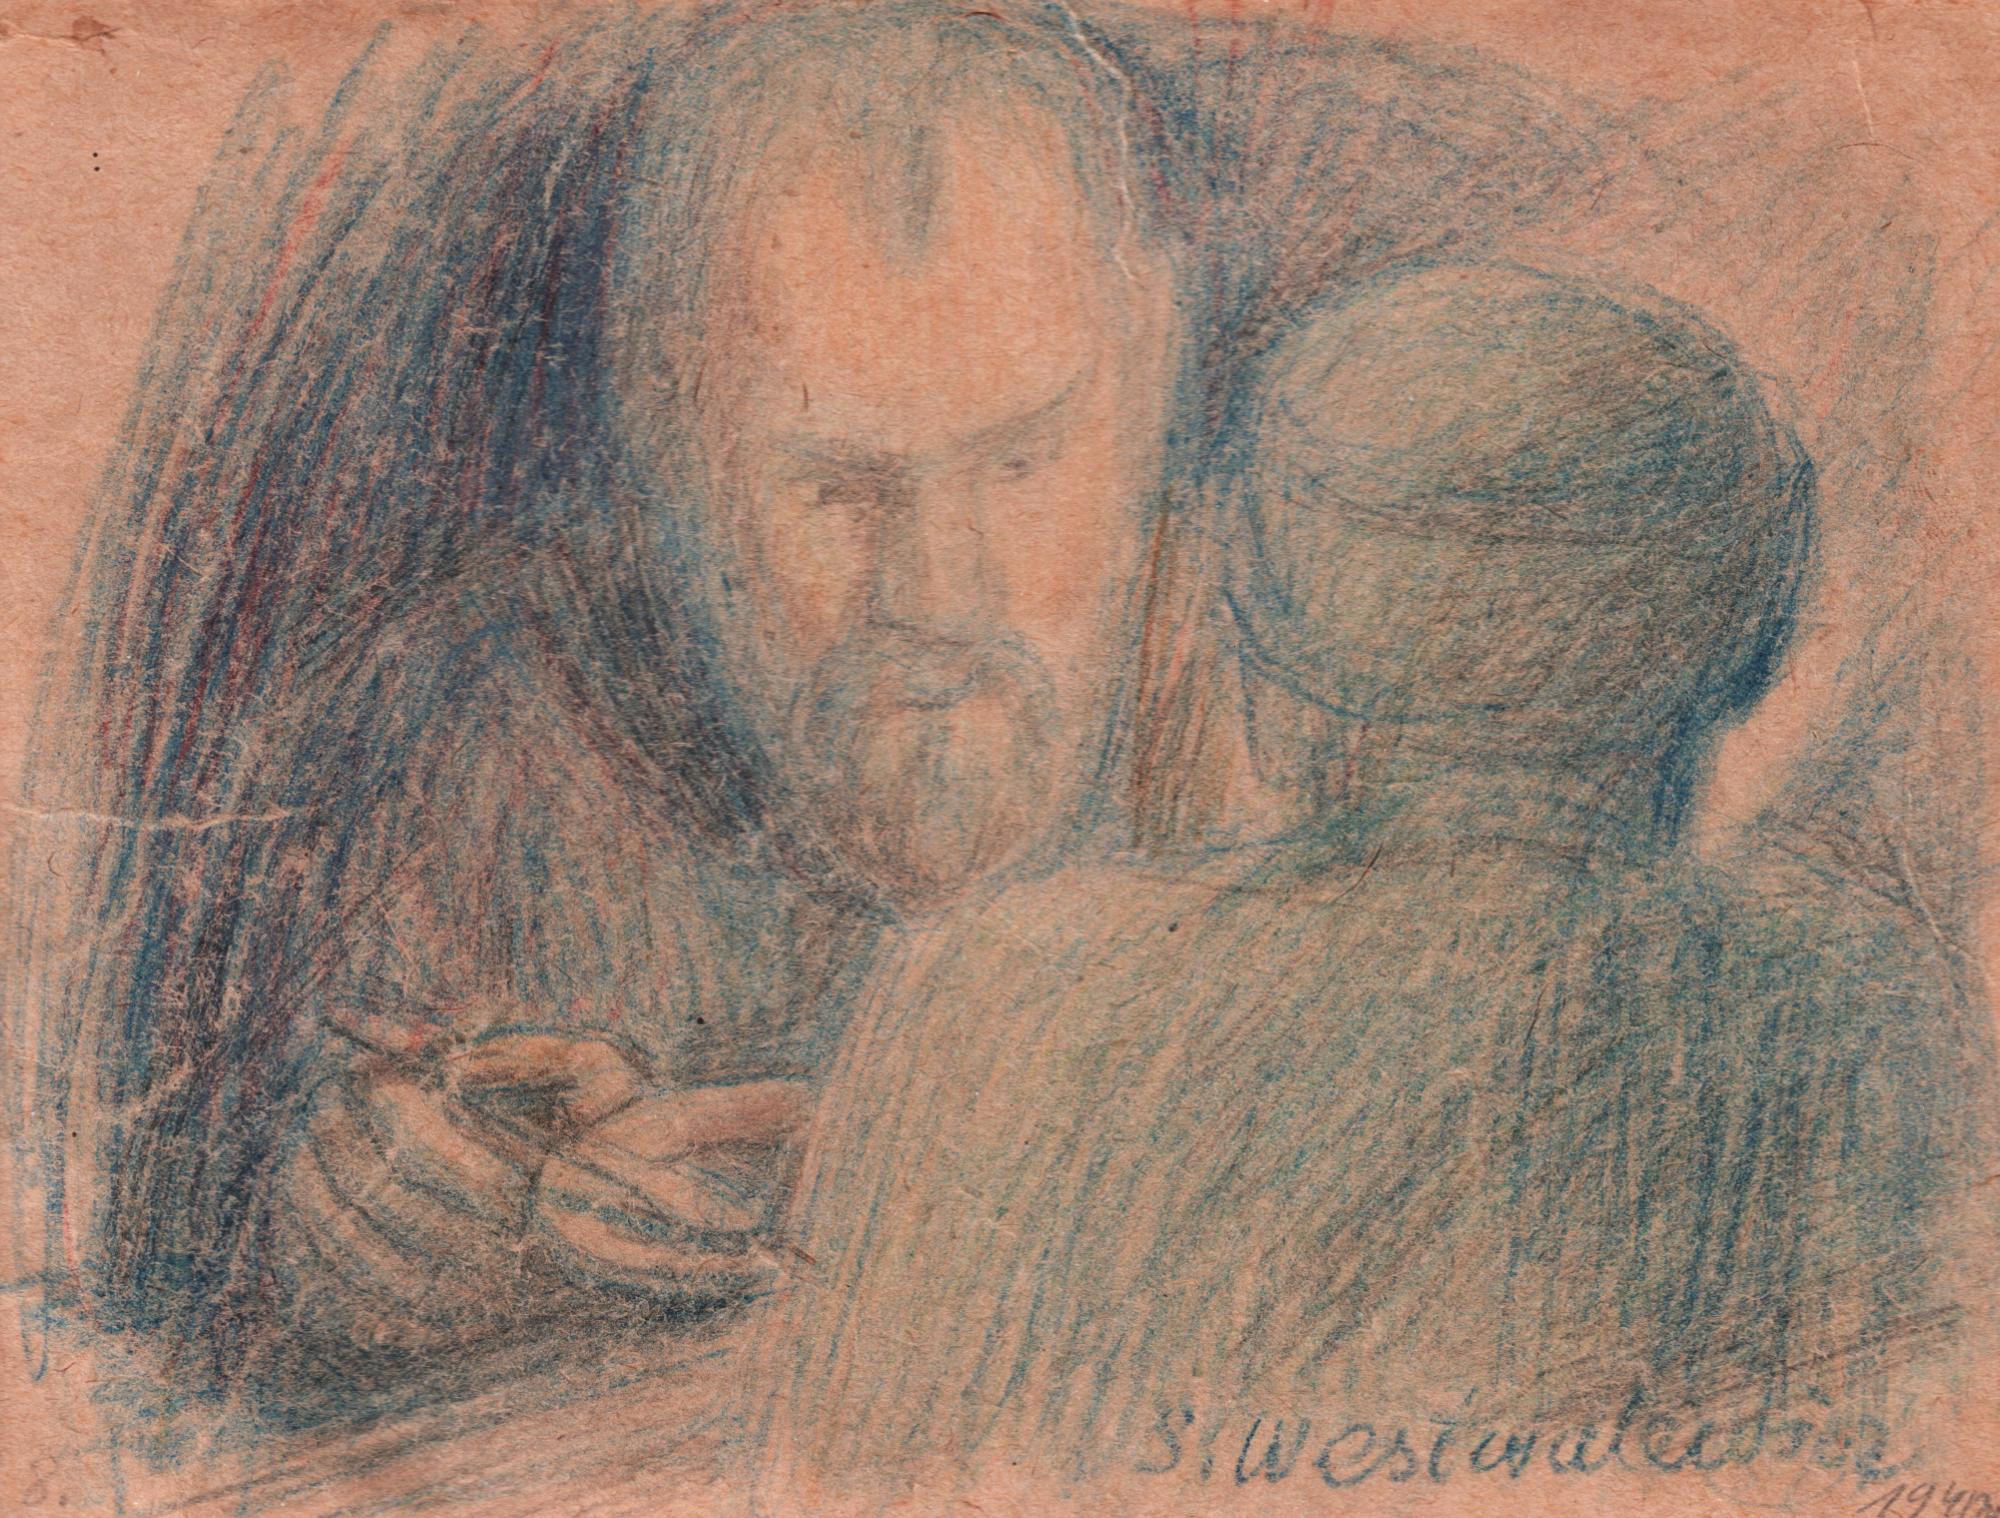 Stanisław Westwalewicz, Portret współjeńców, rys. kredkami, 1940,